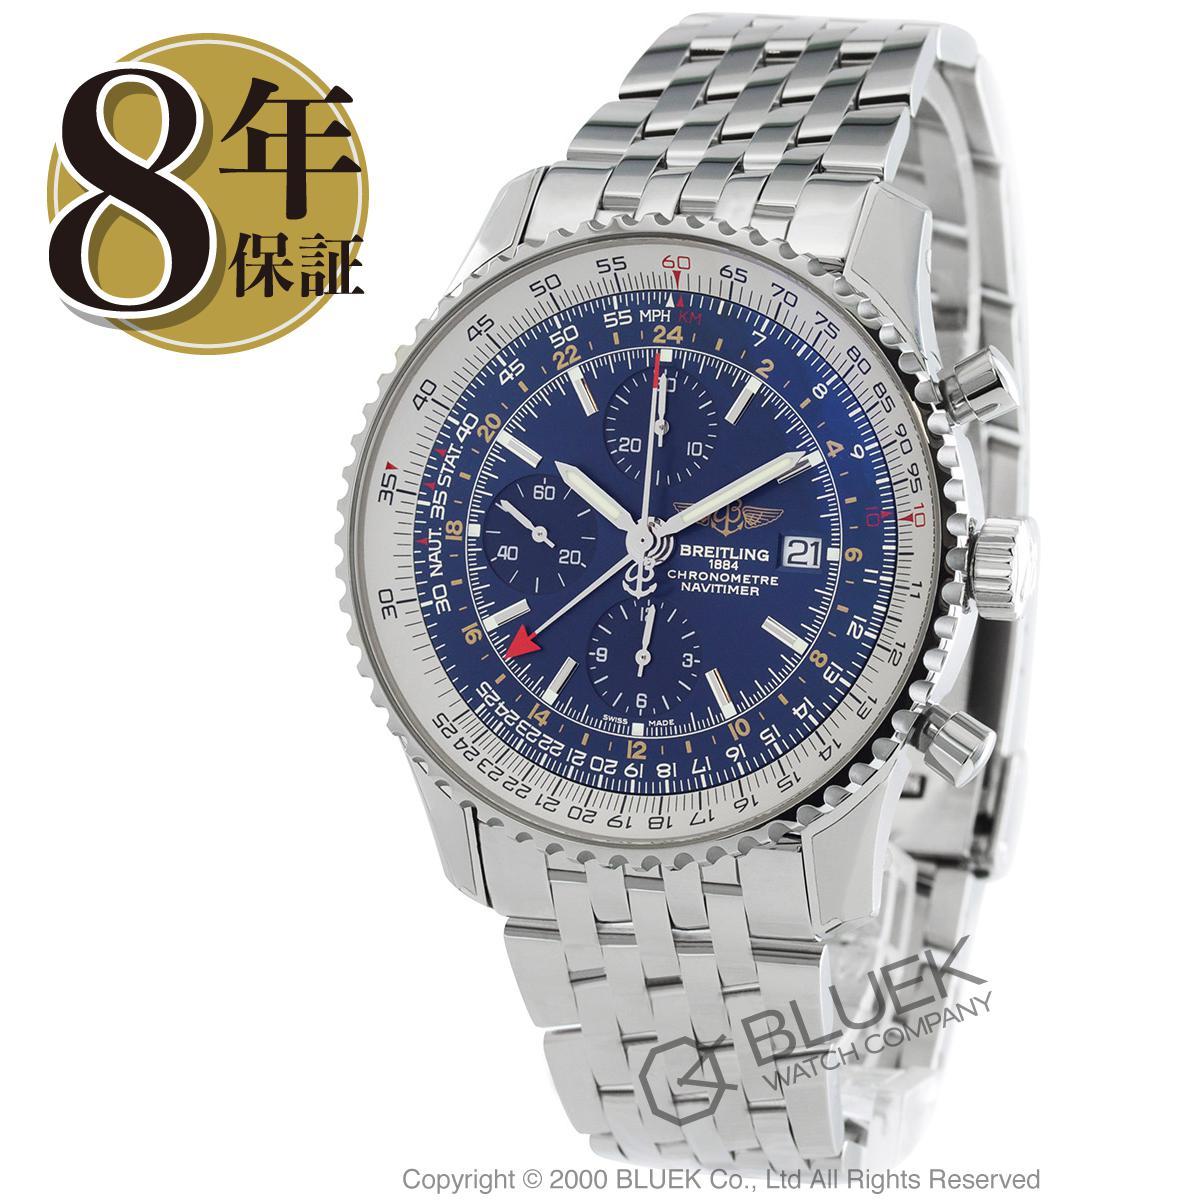 ブライトリング BREITLING 腕時計 ナビタイマー ワールド メンズ A242 C51 NP_8